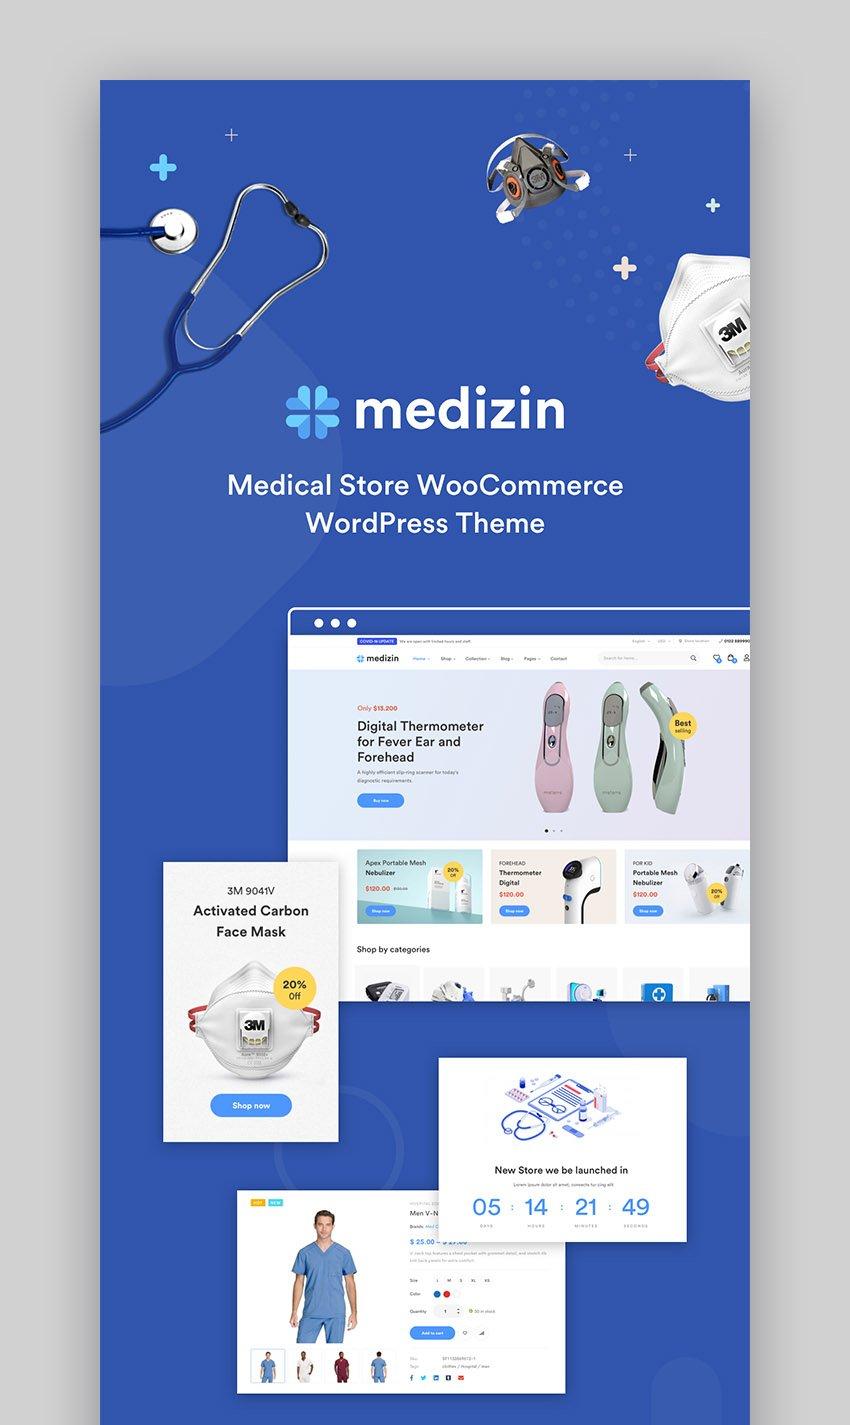 Medizin Medizinische Kur Gesundheit und medizinisches Wordpress Theme